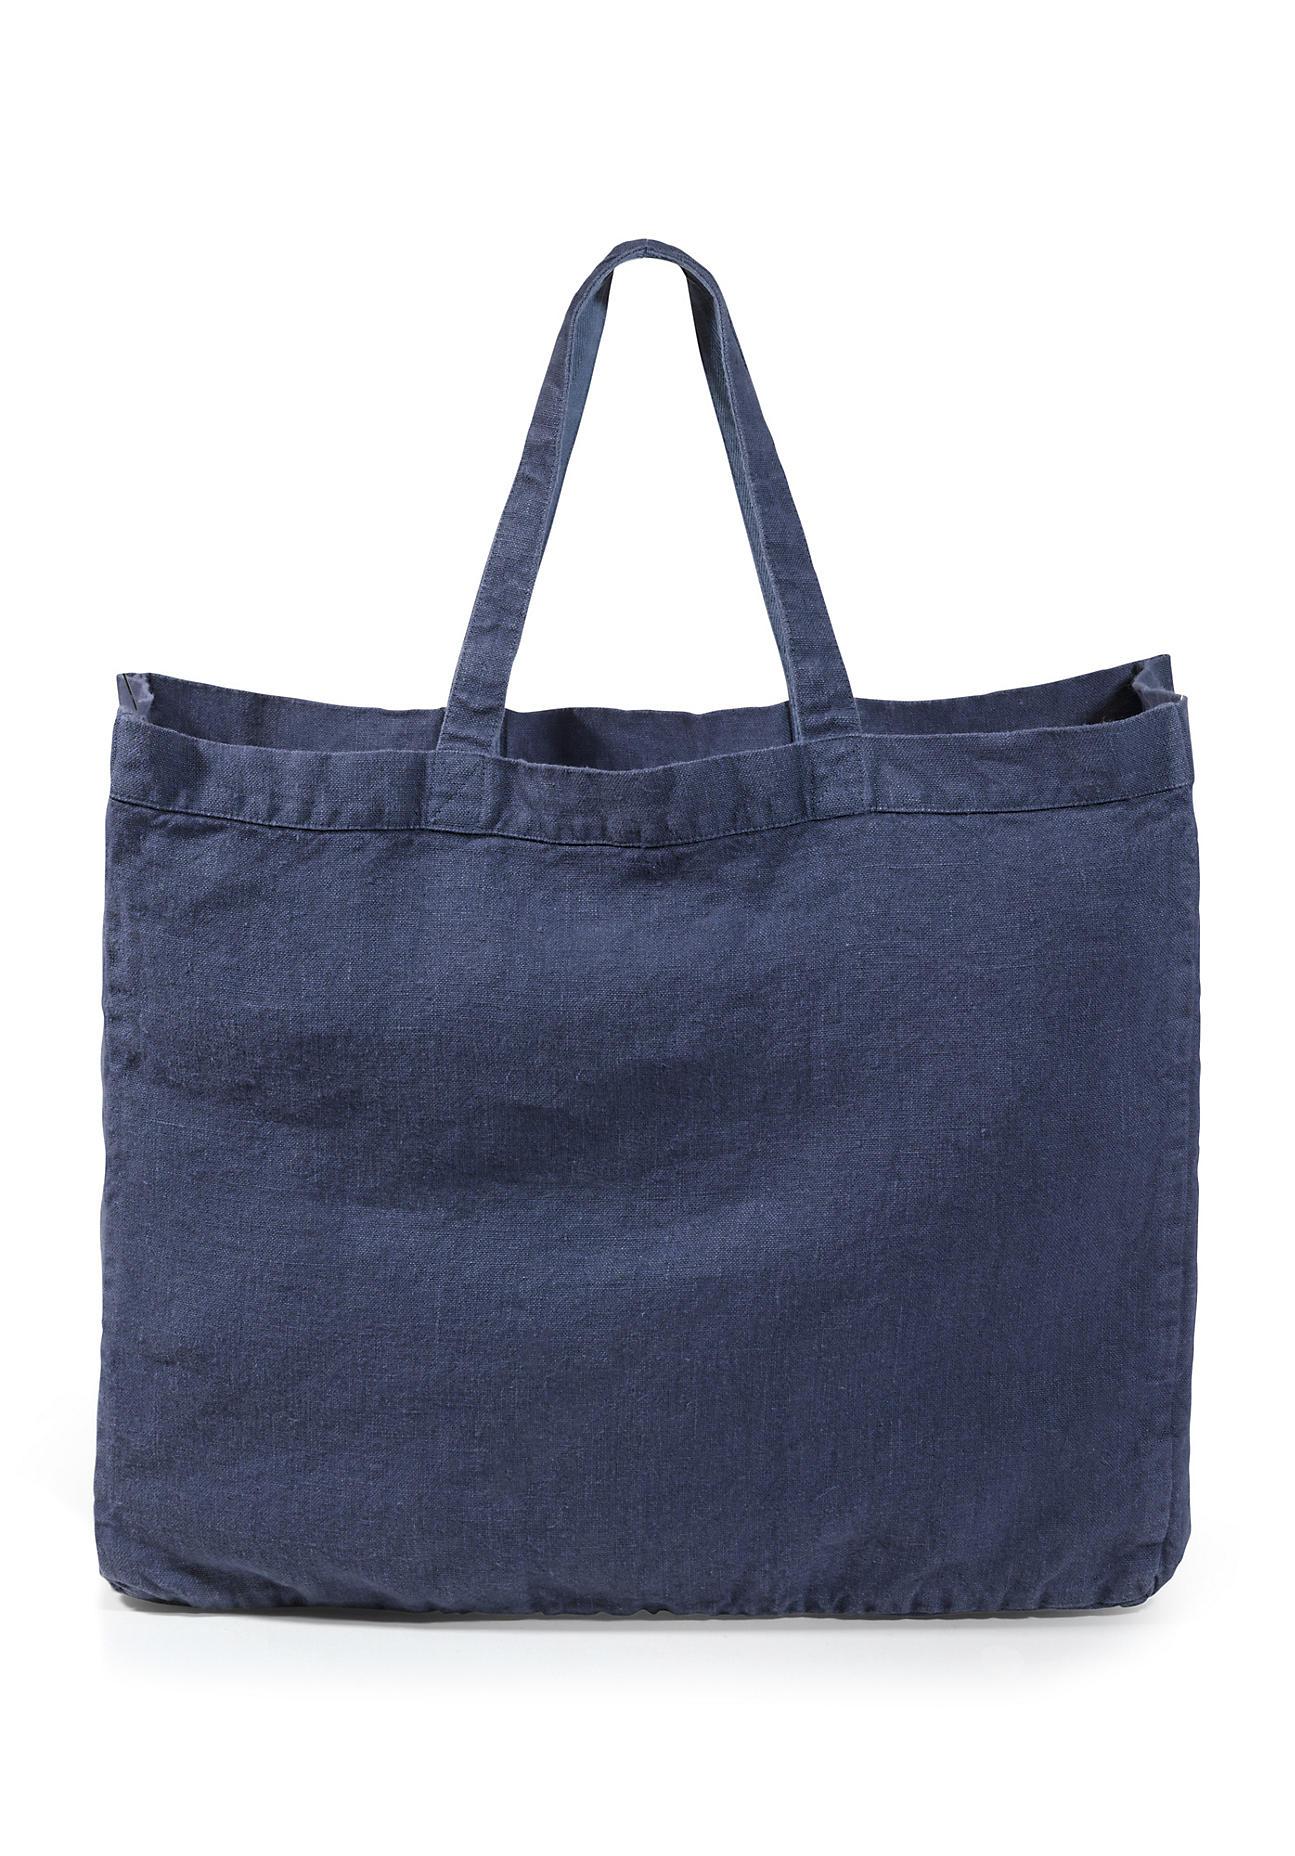 hessnatur Damen Große Tasche aus Hessenleinen – blau – Größe 1size